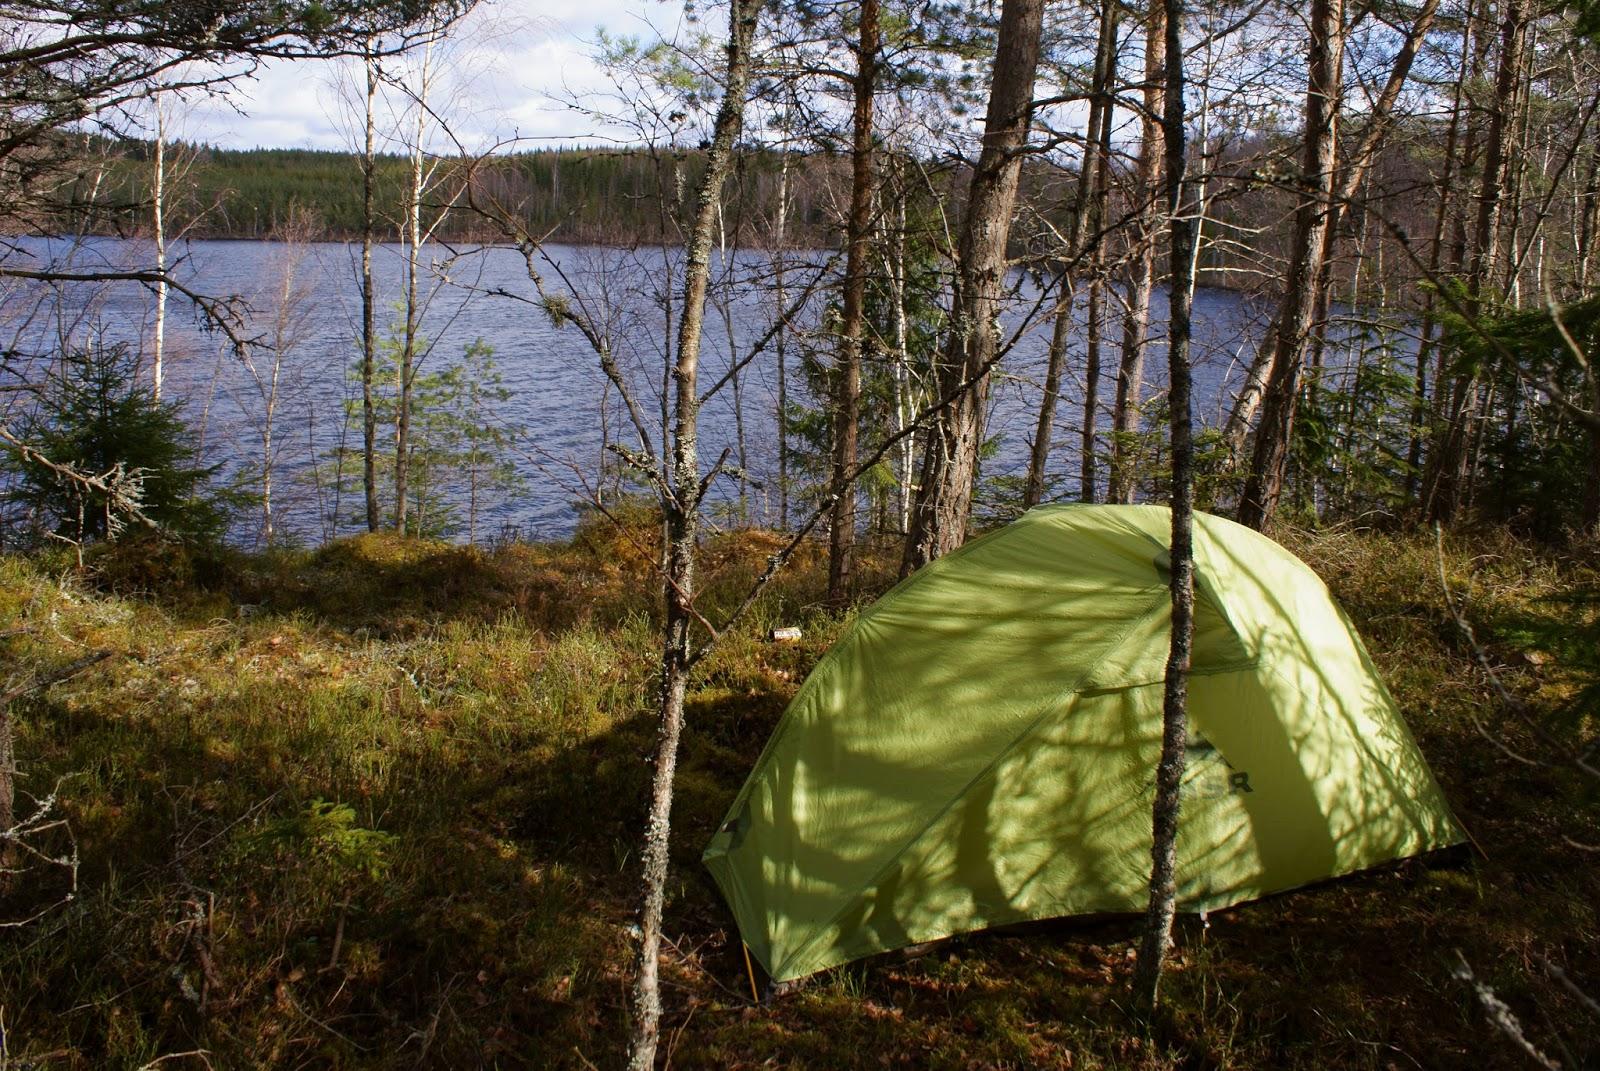 Tält MSR skog